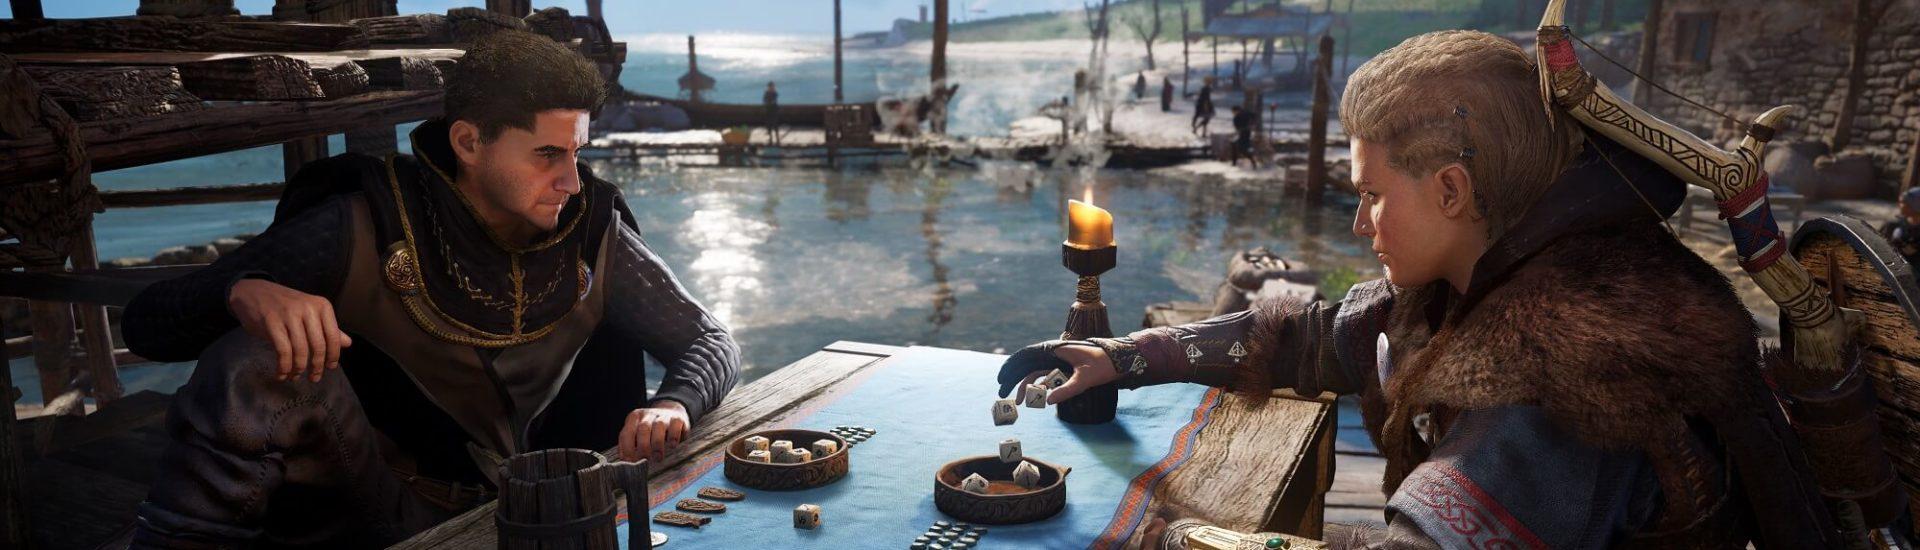 Assassins Creed Valhalla: Längere Unterstützung und mehr Inhalte als AC Odyssey